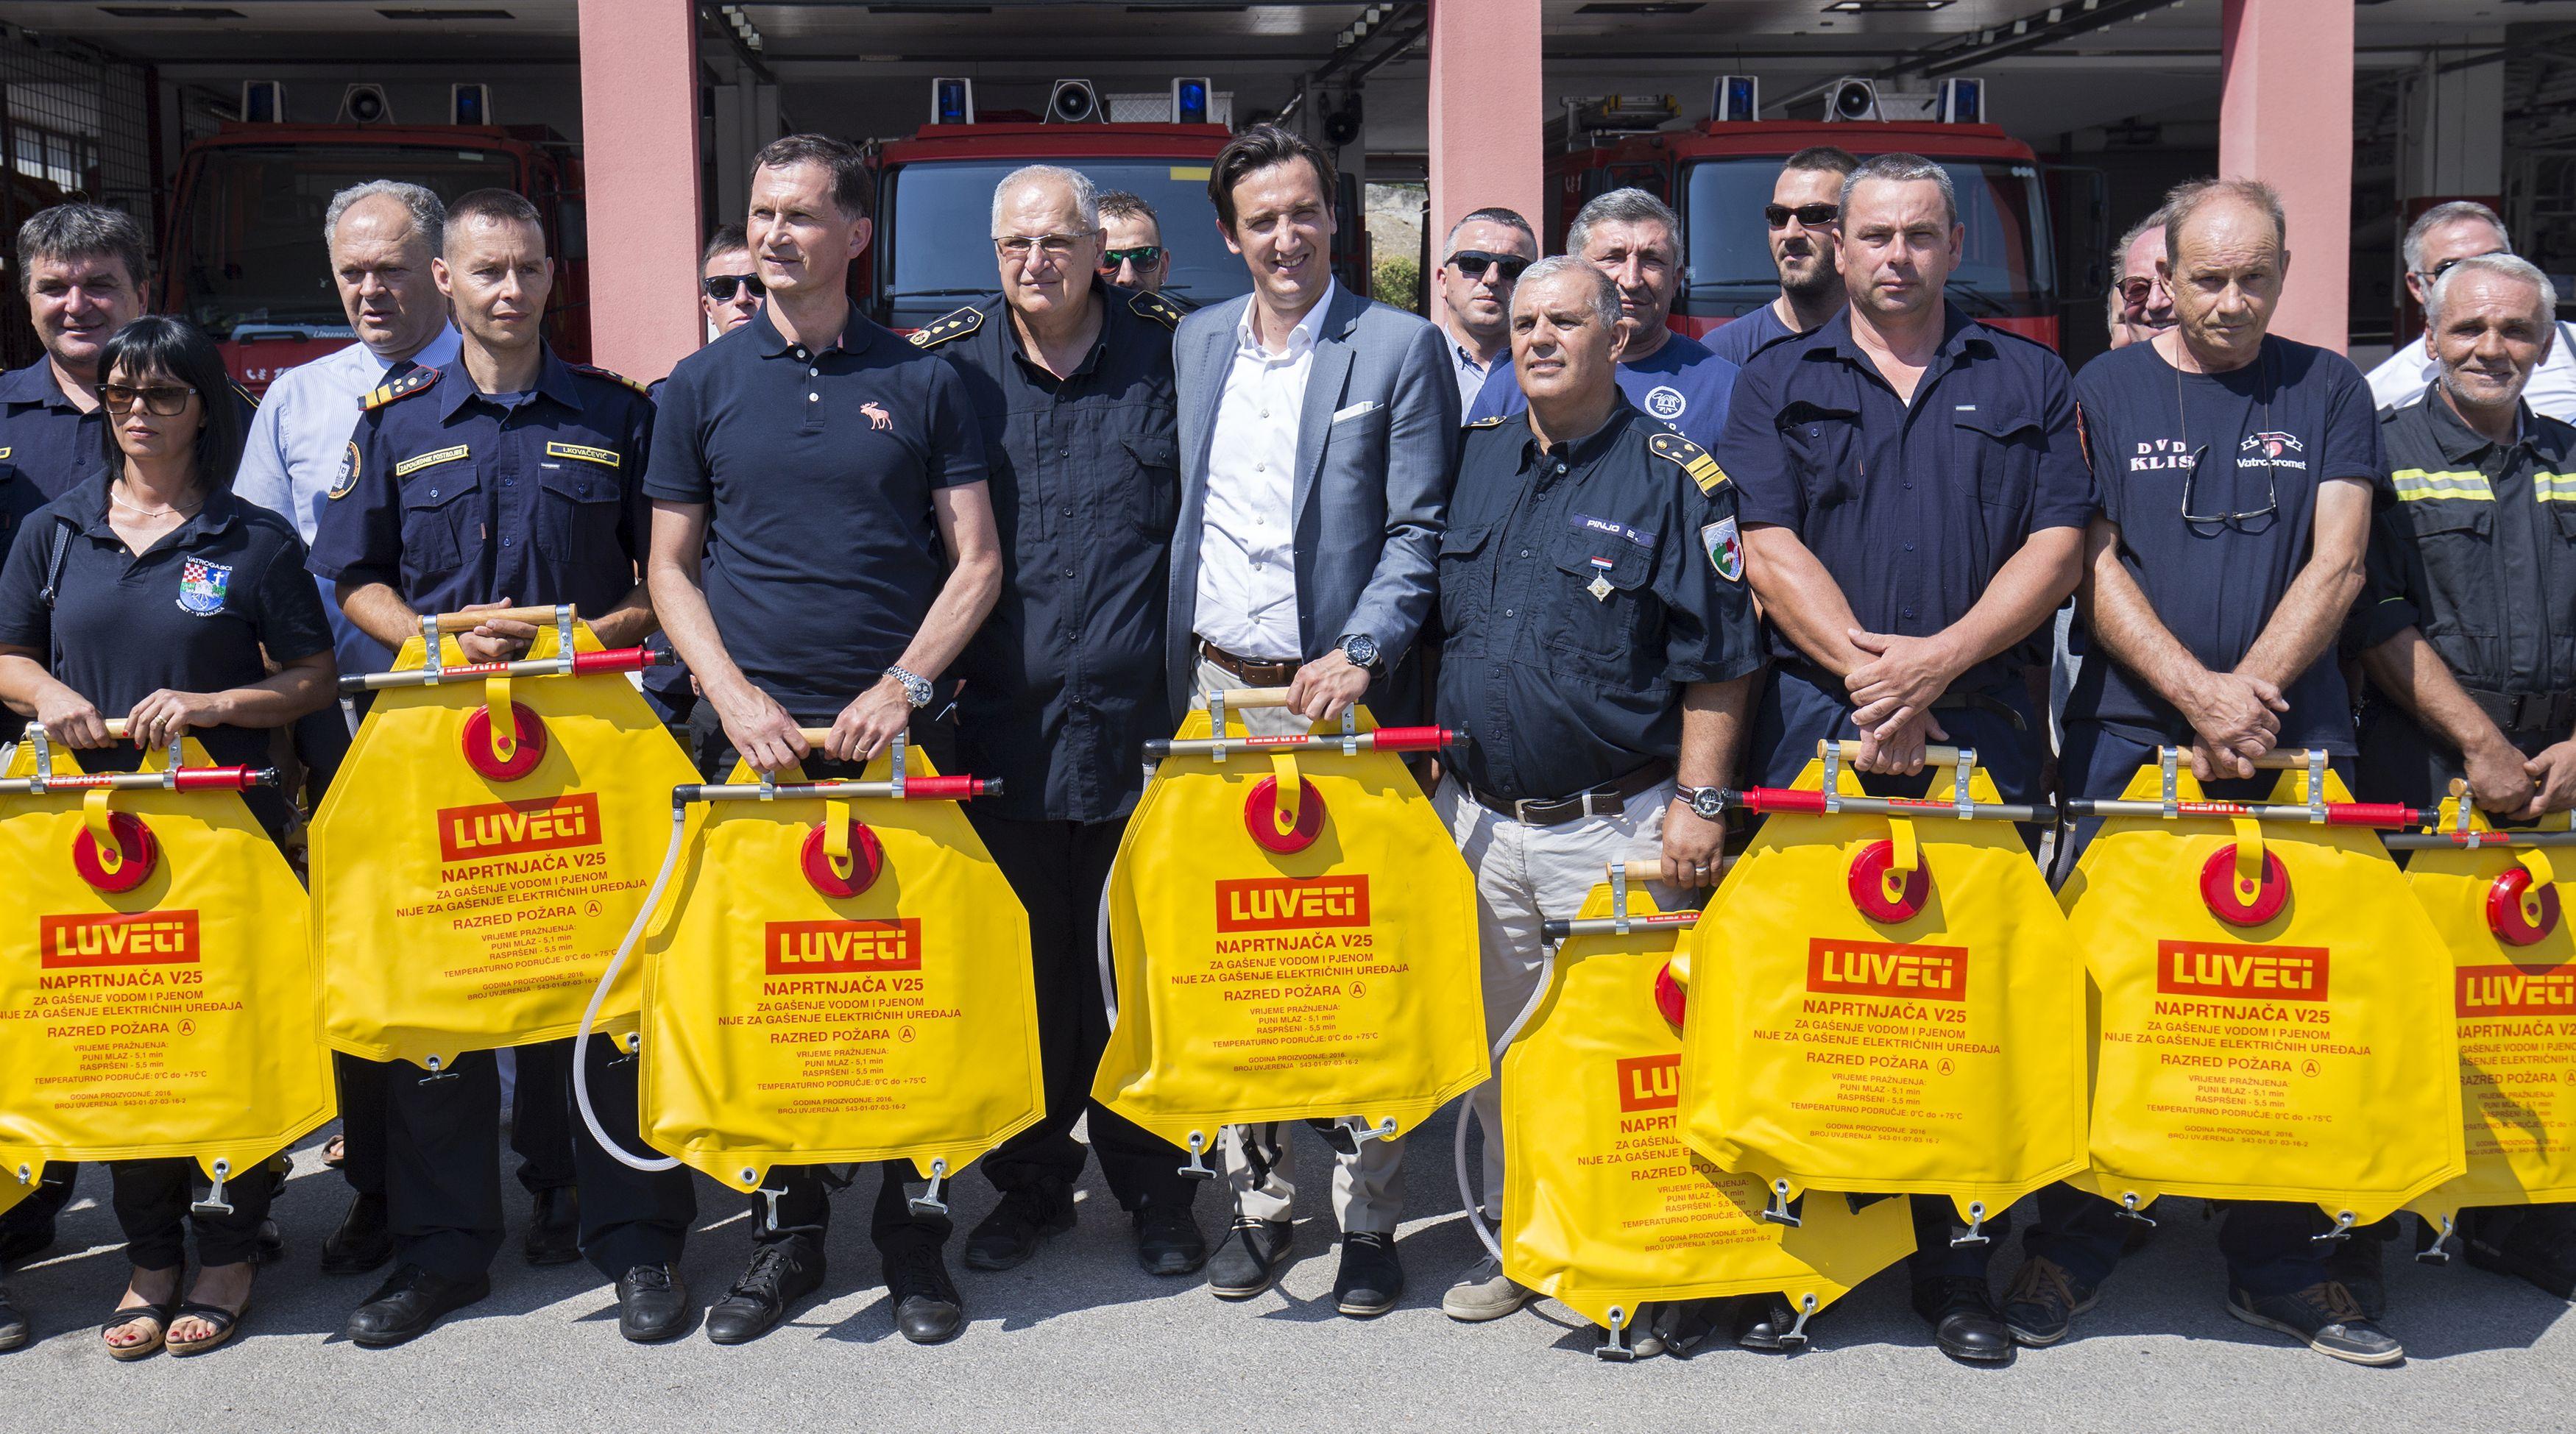 Udruga Cro Unum vatrogascima donirala 130 naprtnjača